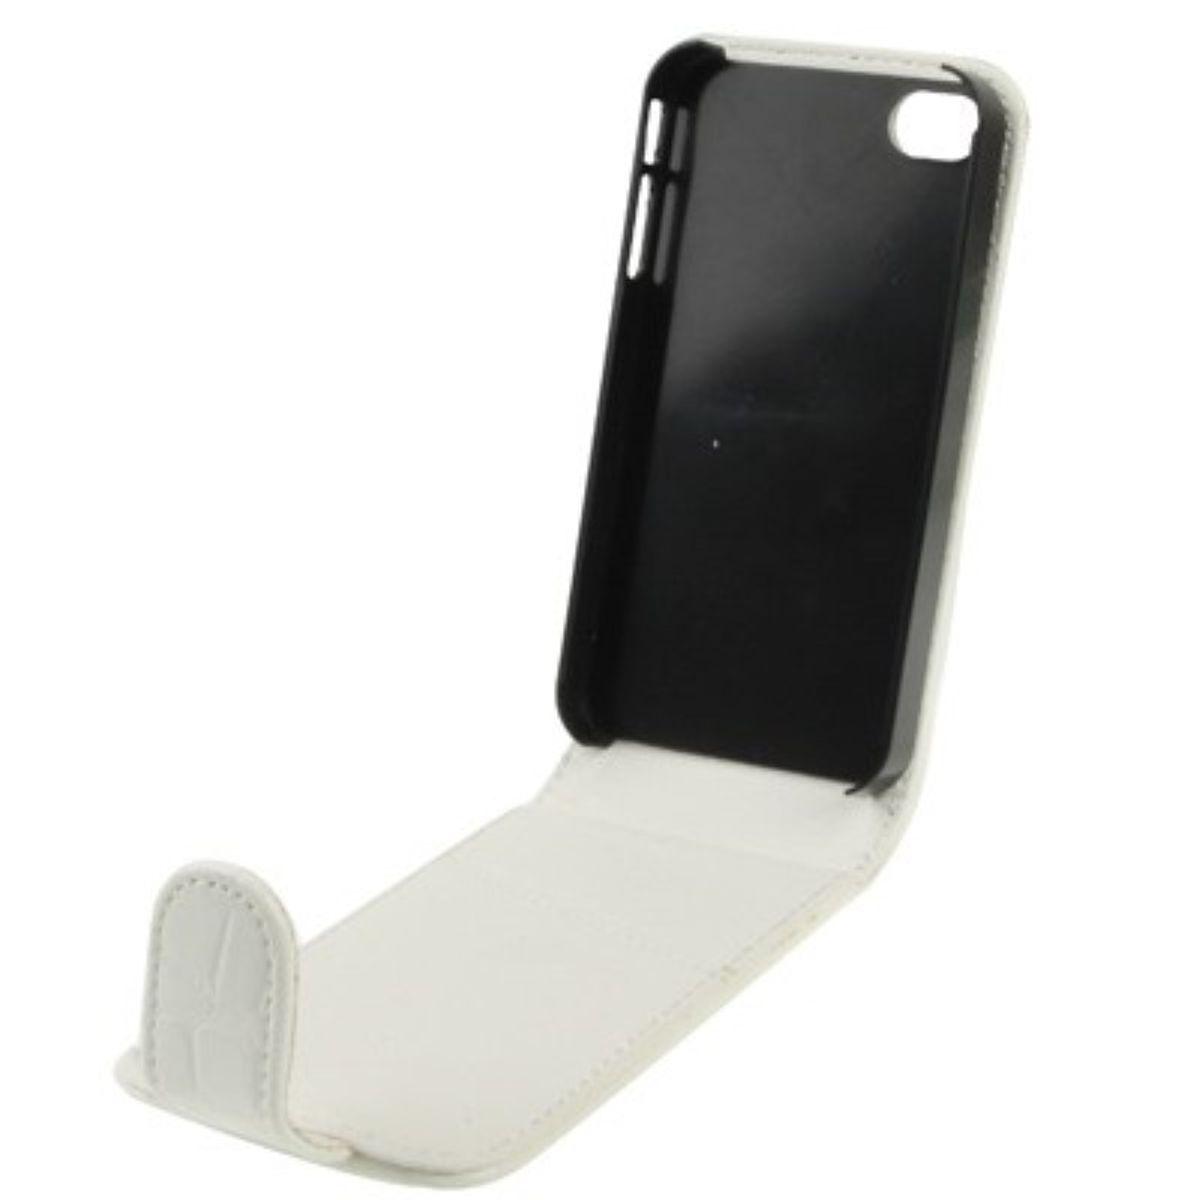 Handy Tasche Flip Krokodil Optik für Handy iPhone 4 / 4s weiß